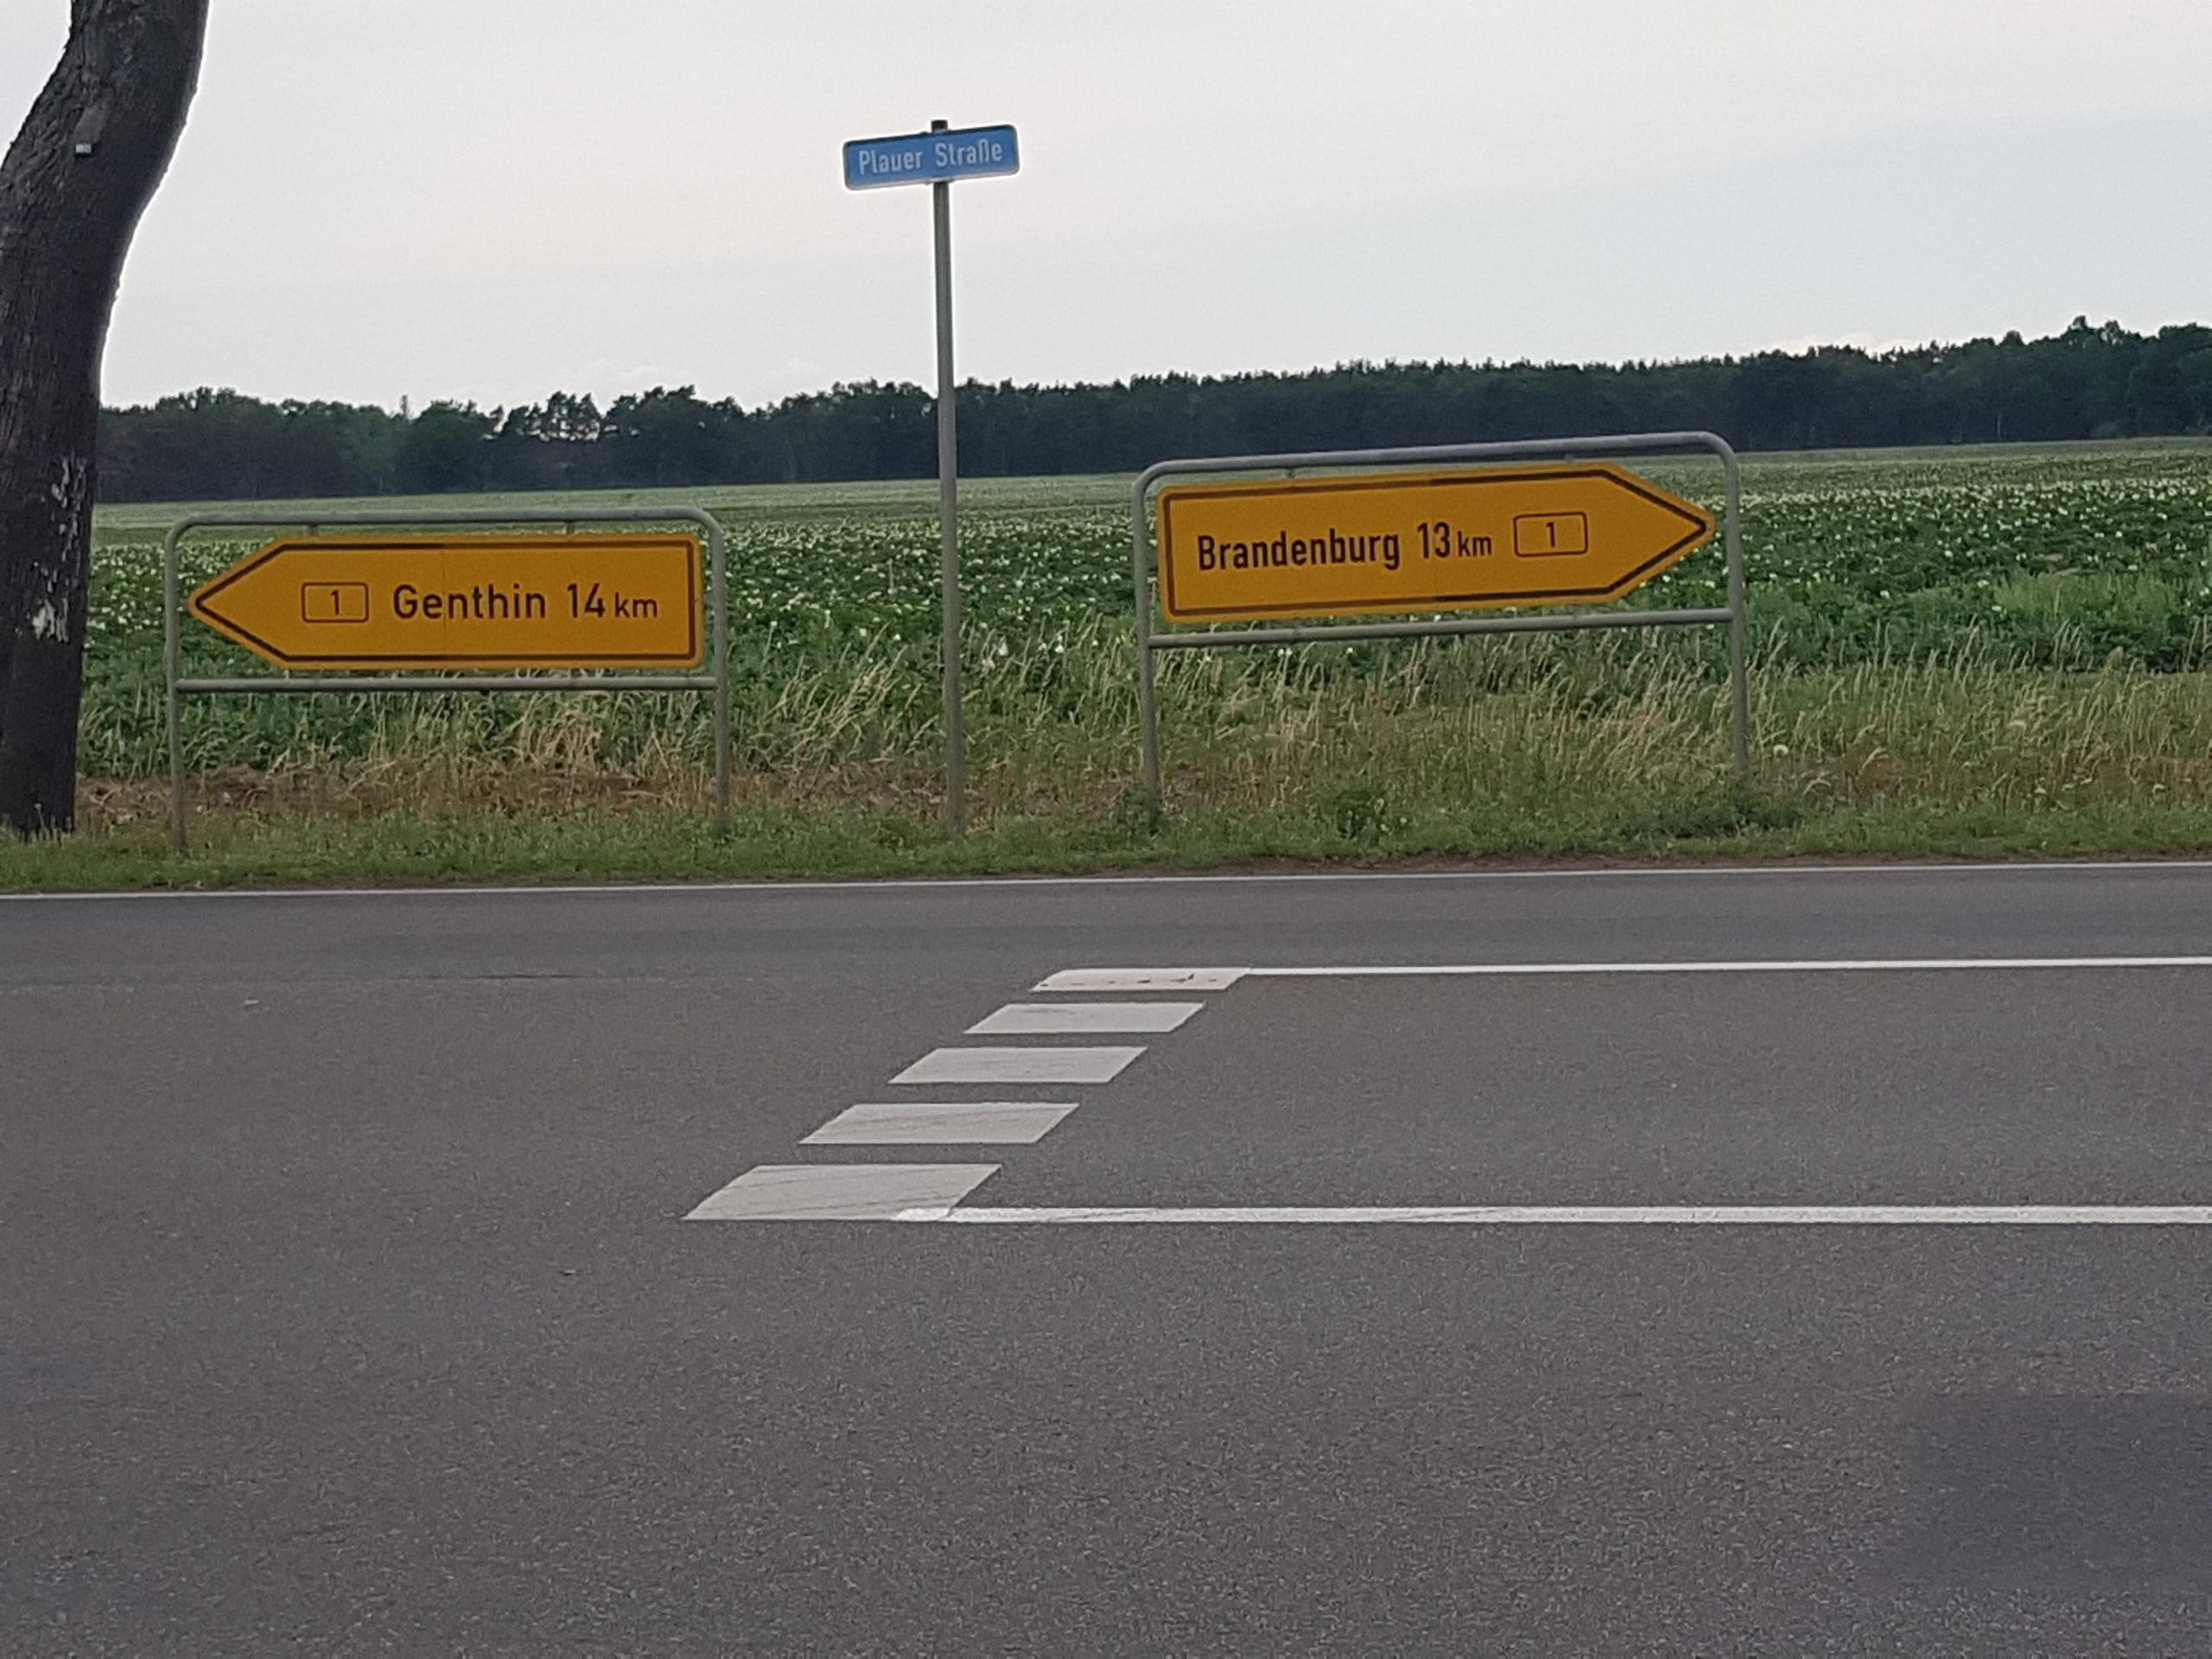 Die Mitte zwischen Genthin und Brandenburg